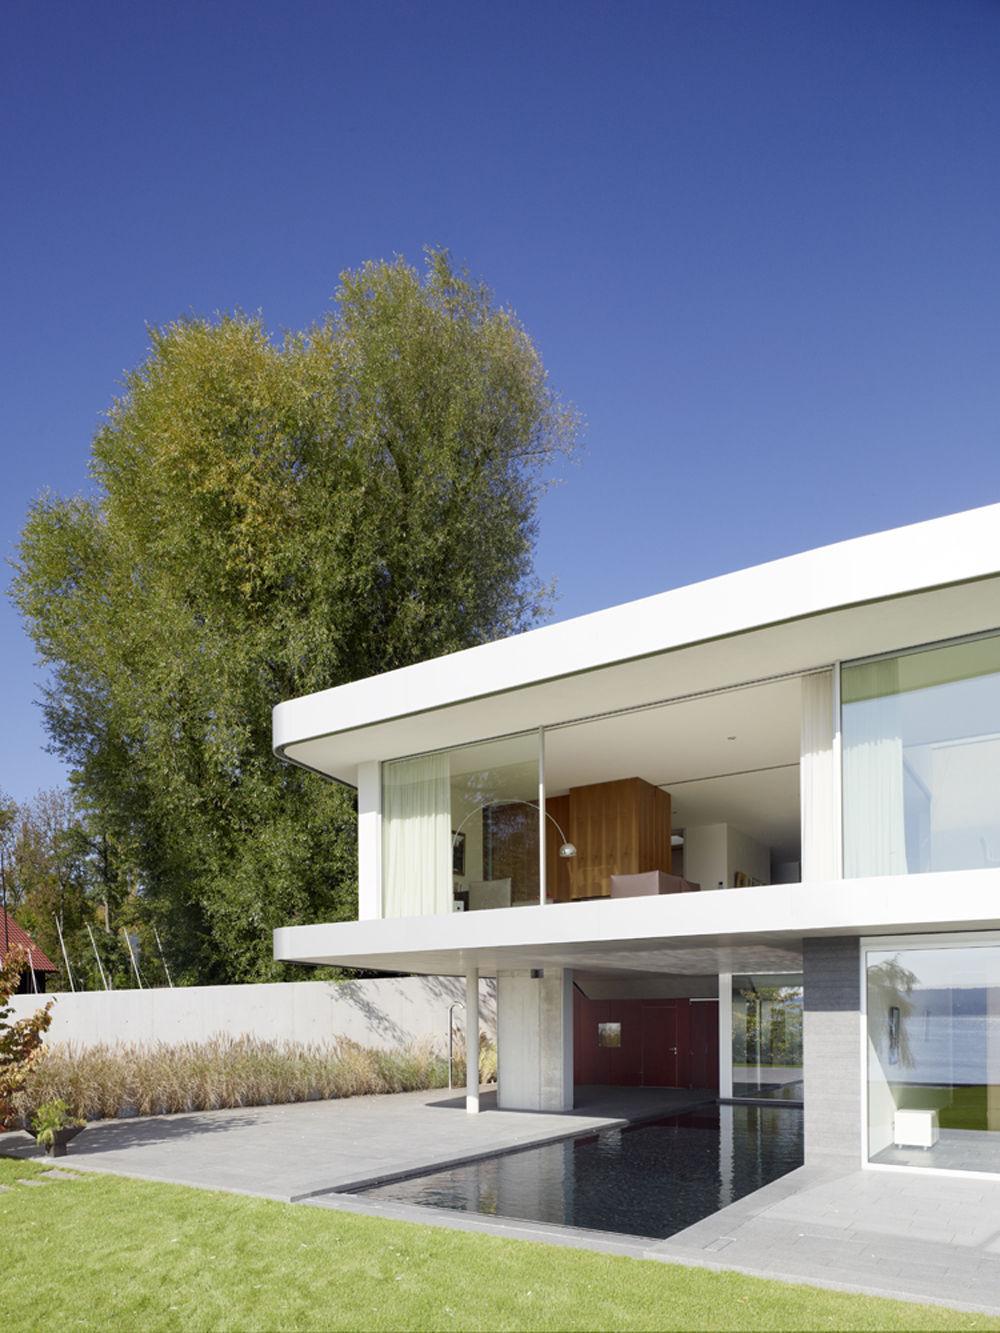 terrasse mit wasserbecken. Black Bedroom Furniture Sets. Home Design Ideas